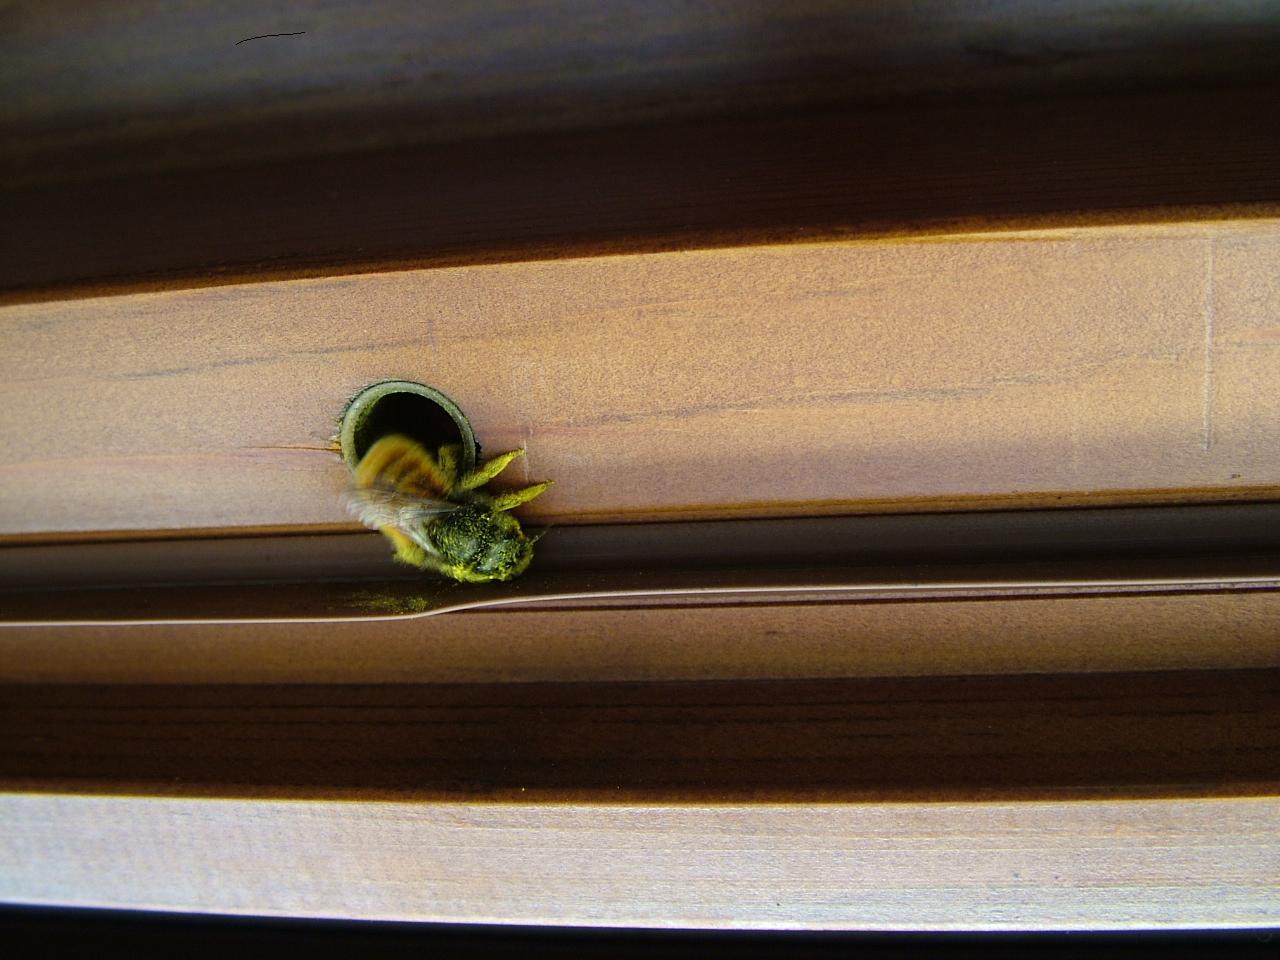 Un ape solitaria ha fatto il nido nella mia porta di casa for Posso costruire una casa sulla mia terra